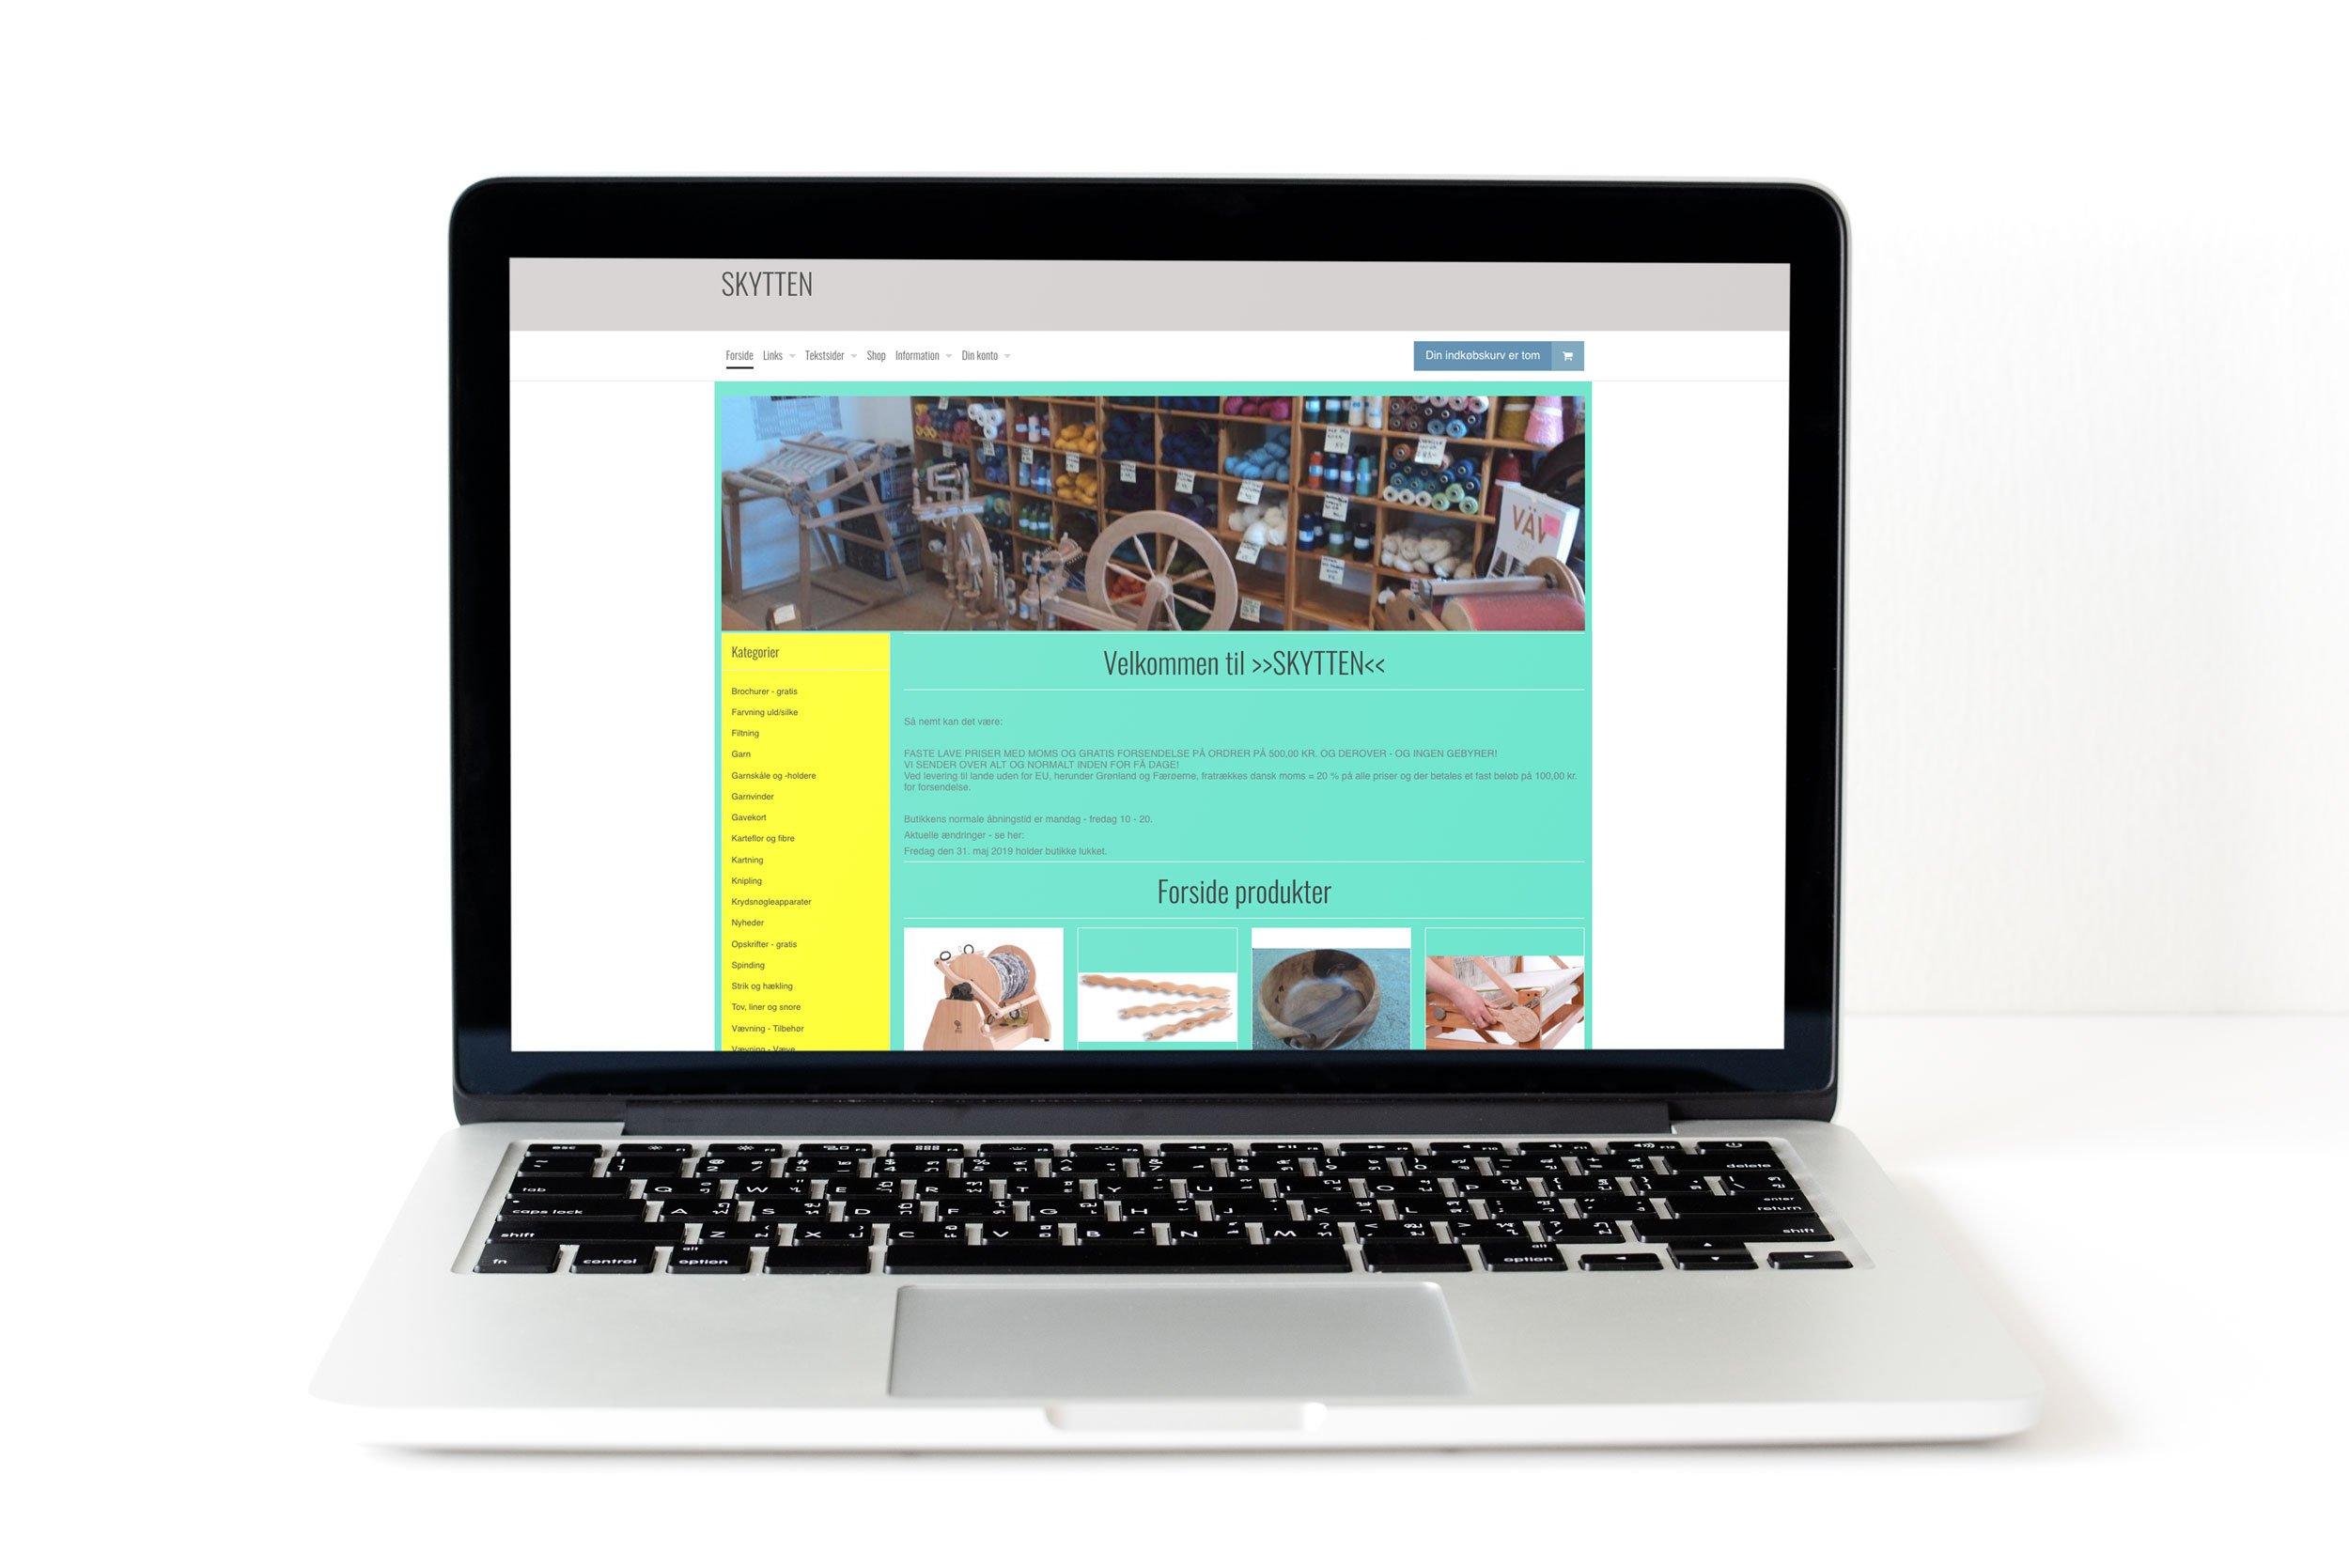 80271ba6b62 Webshop til salg med produkter indenfor væve og -tilbehør - Saxis ...